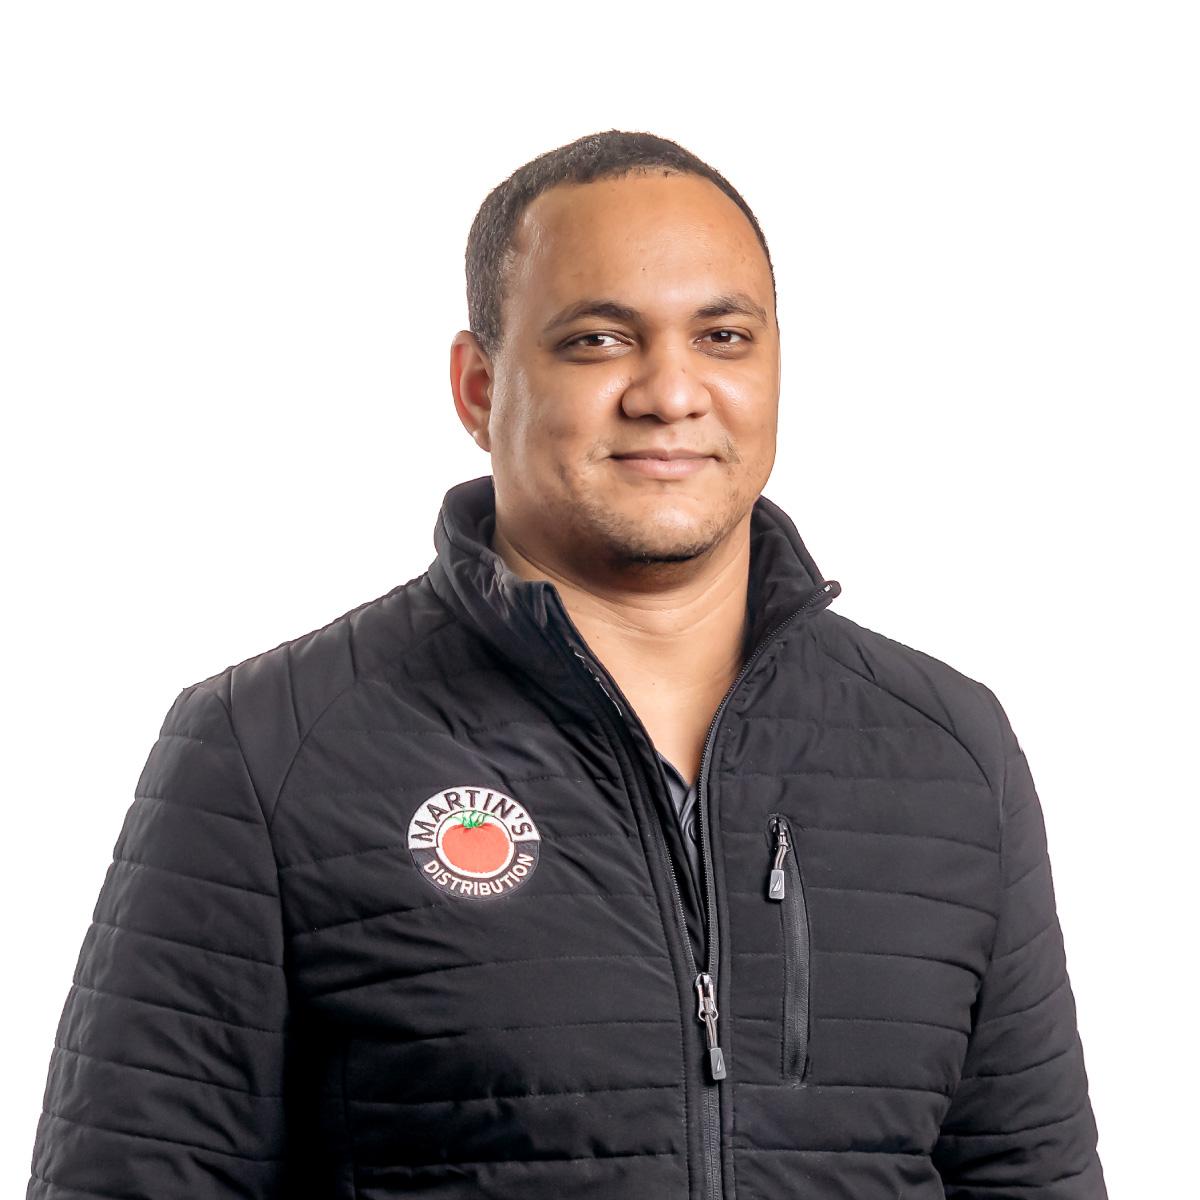 Martin's Team member